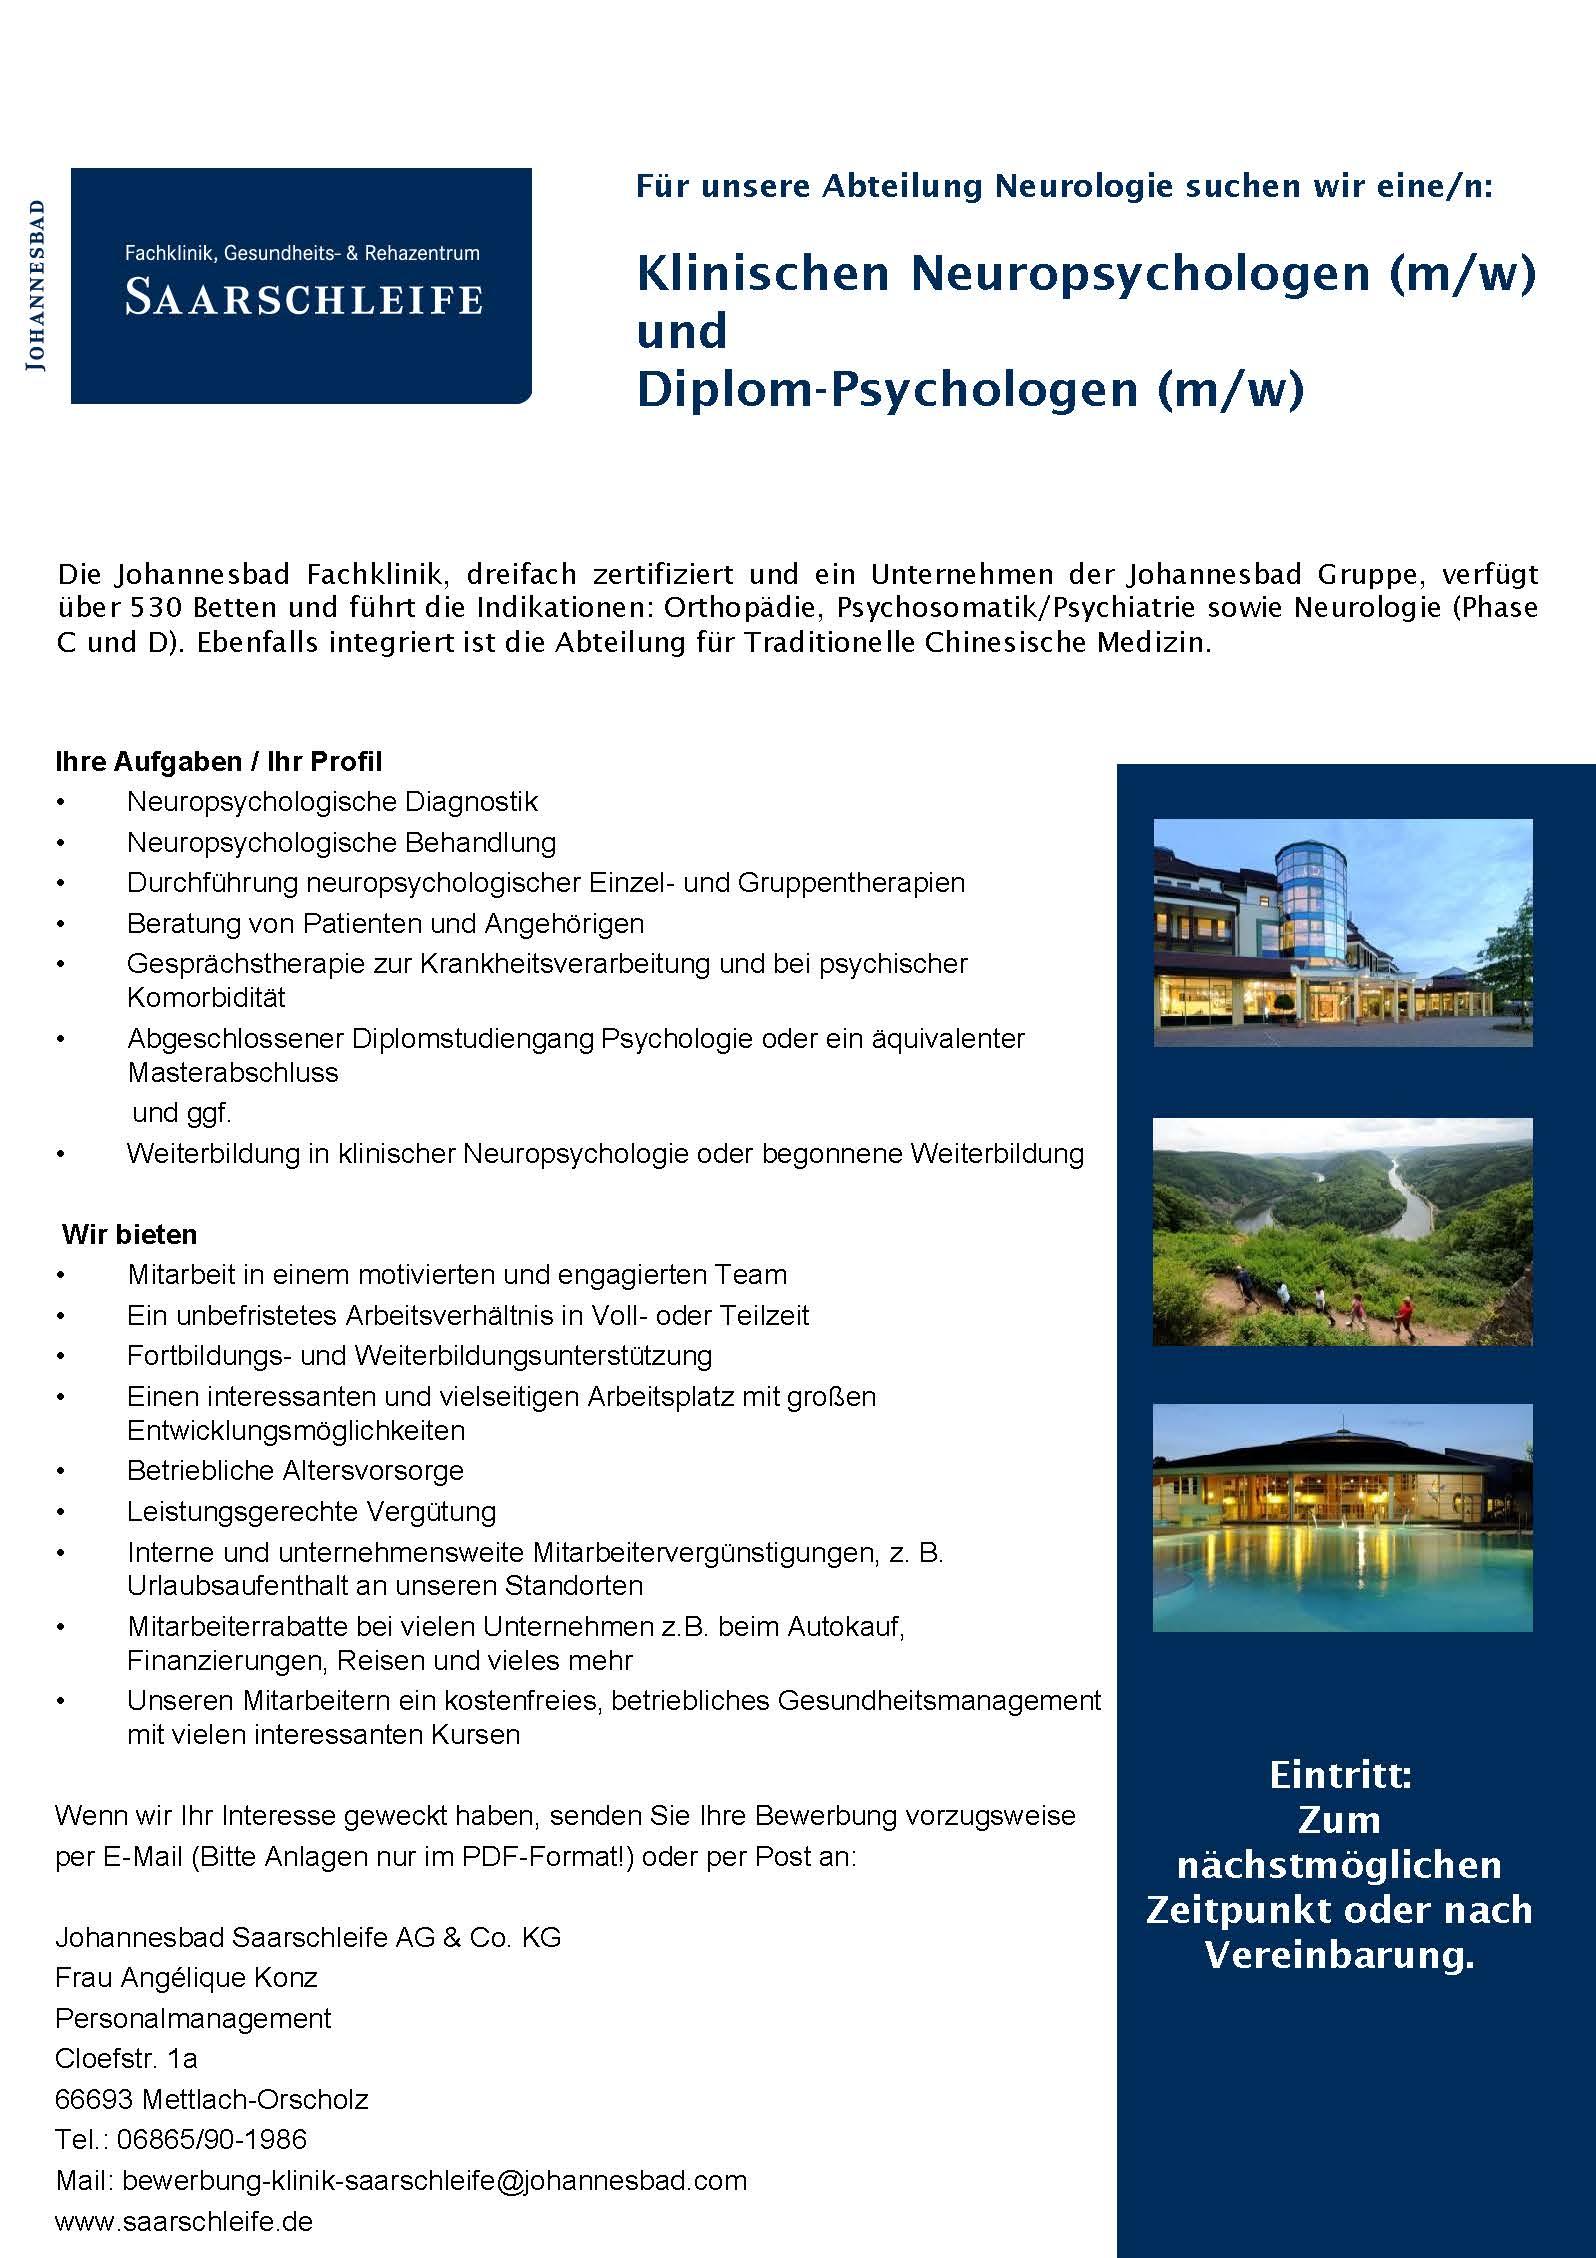 Klinischen Neuropsychologen (m/w) und Diplom-Psychologen (m/w ...